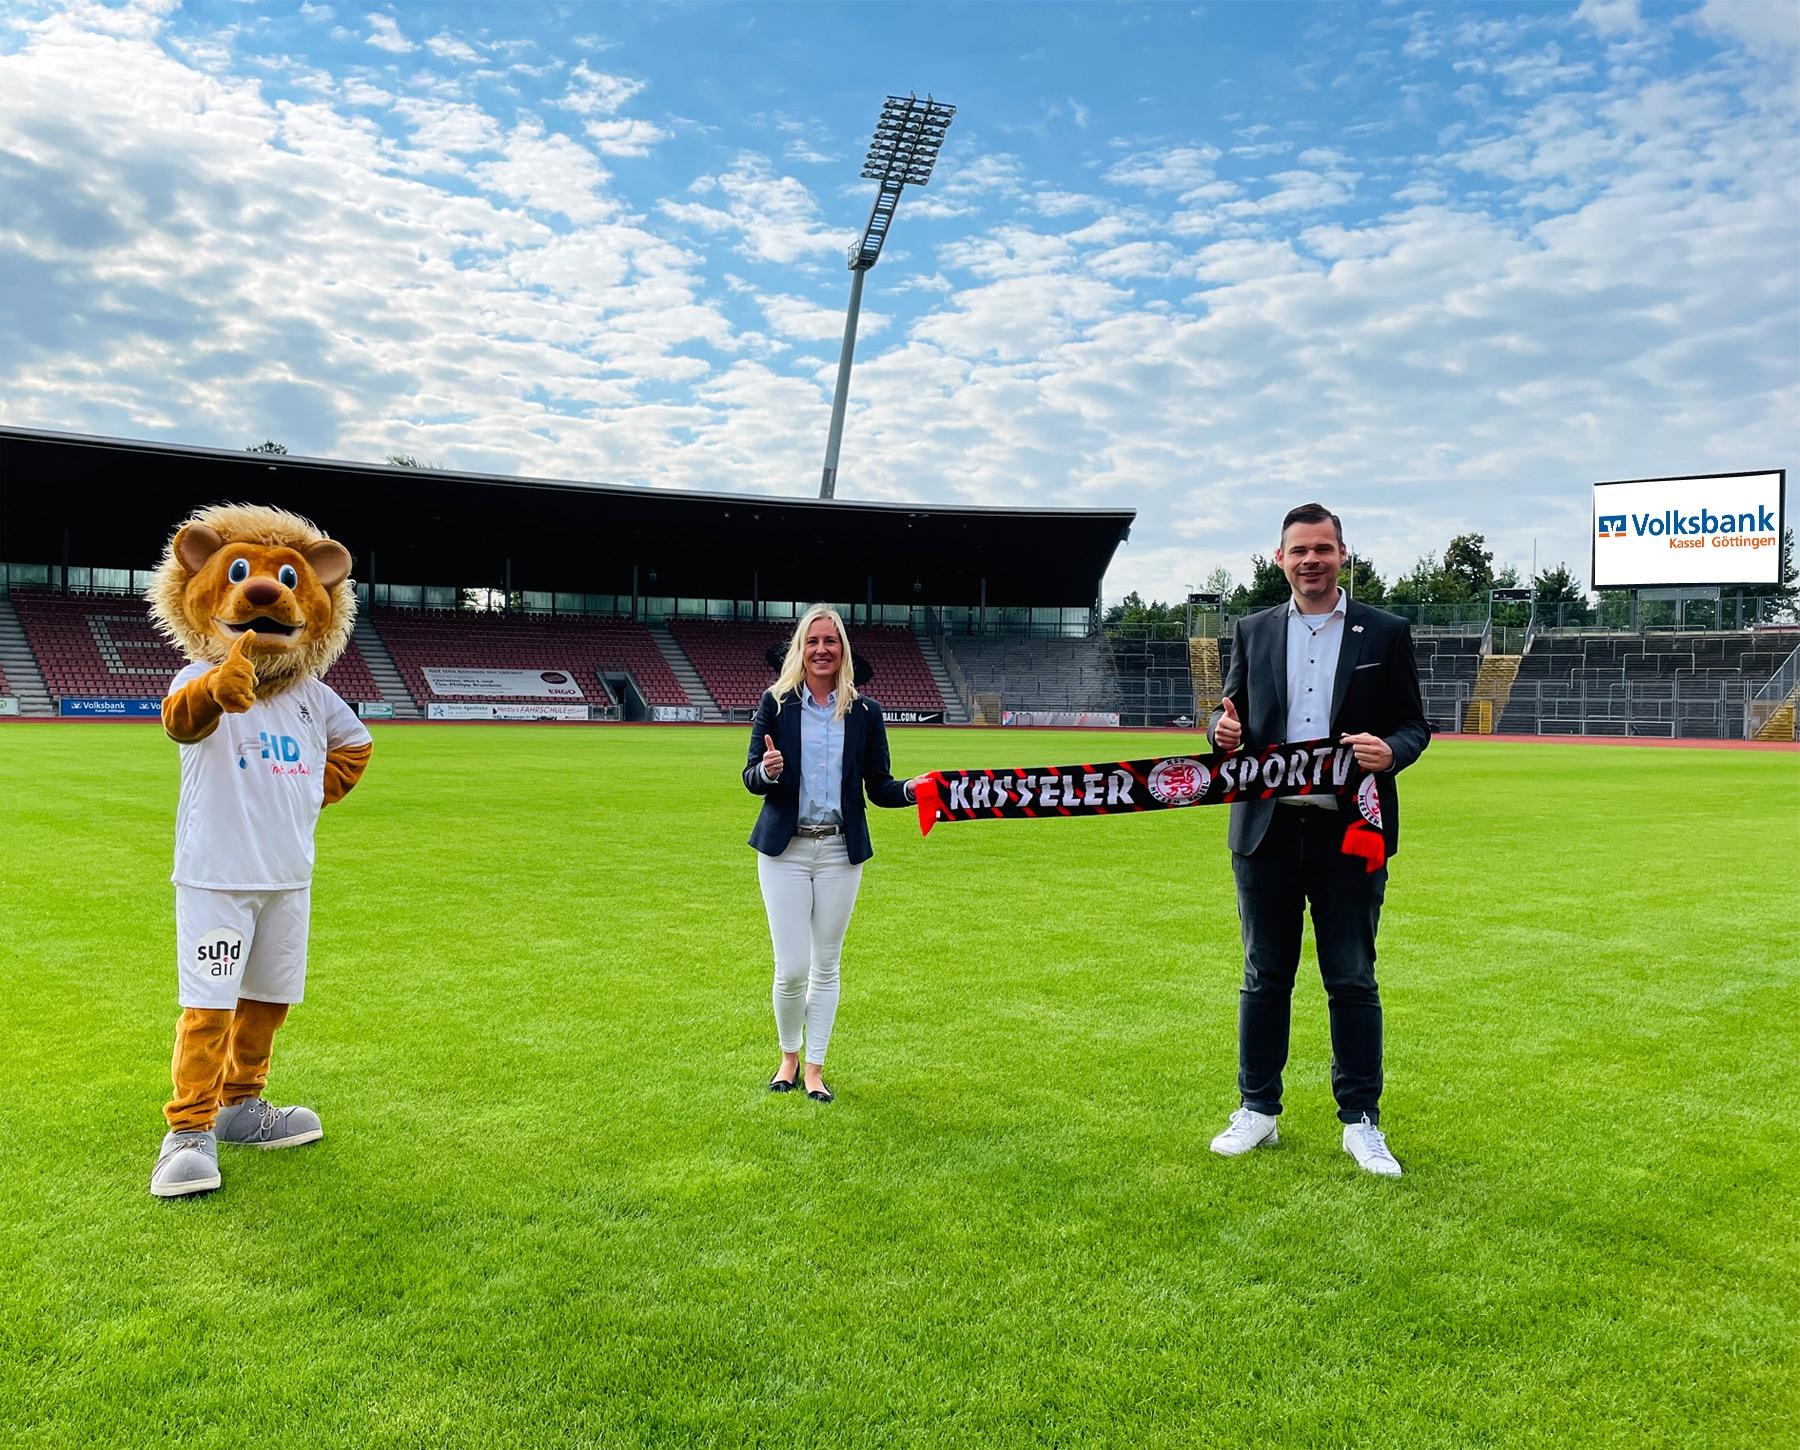 Die Volksbank Kassel Göttingen verlängert Partnerschaft mit den Löwen